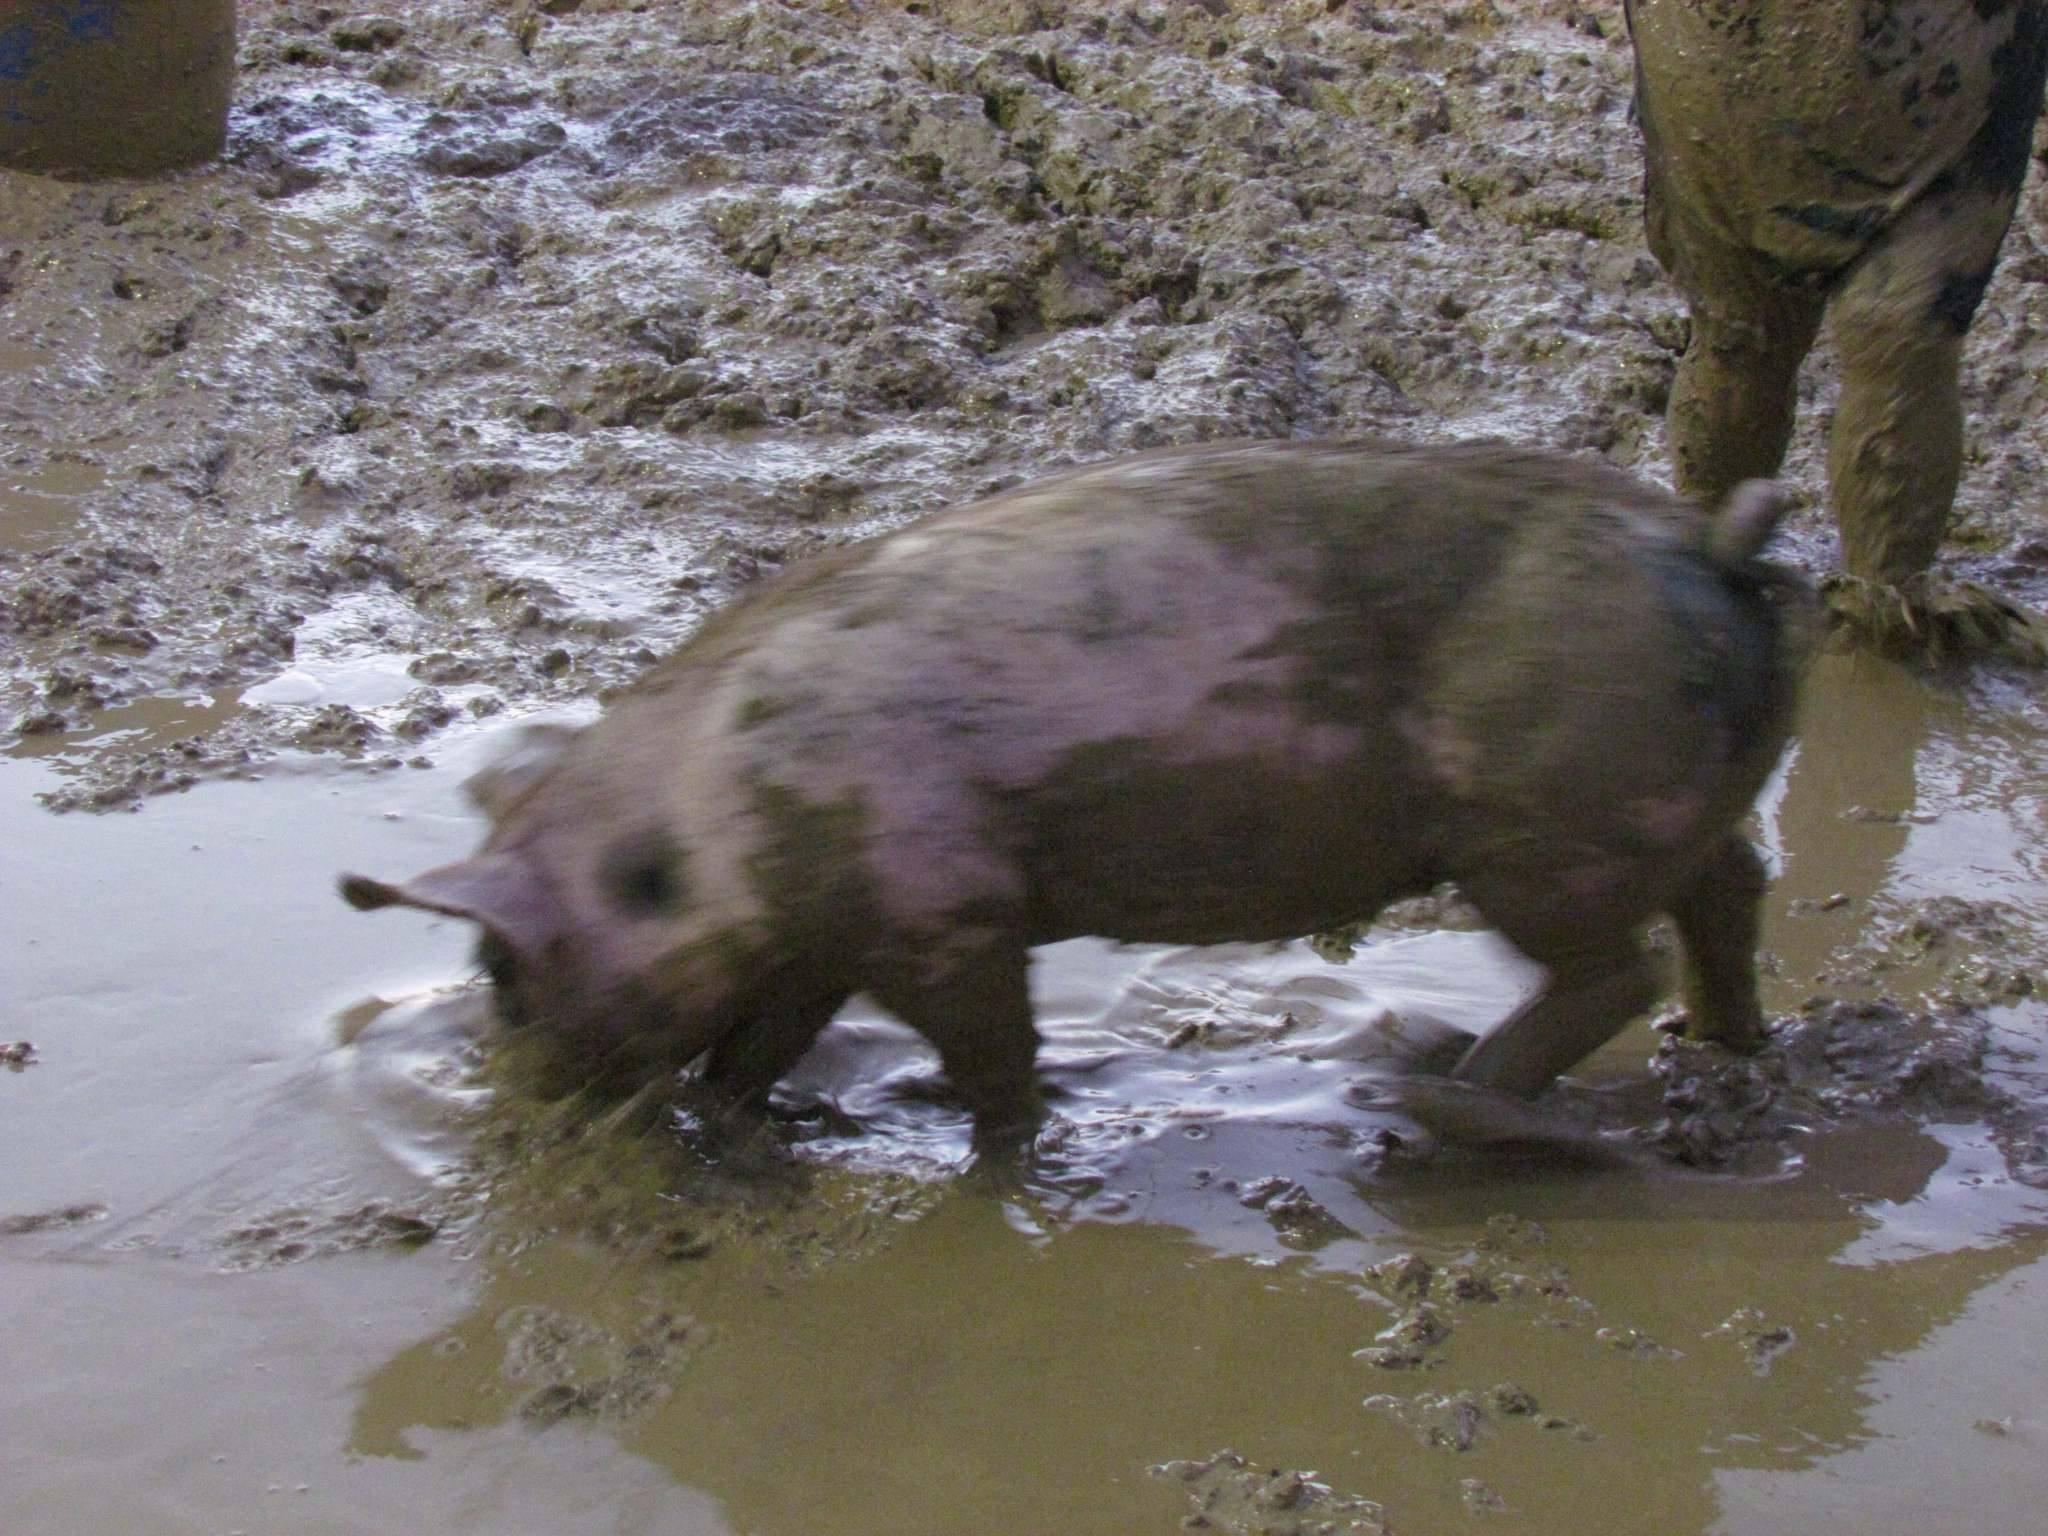 Pig wrestling!